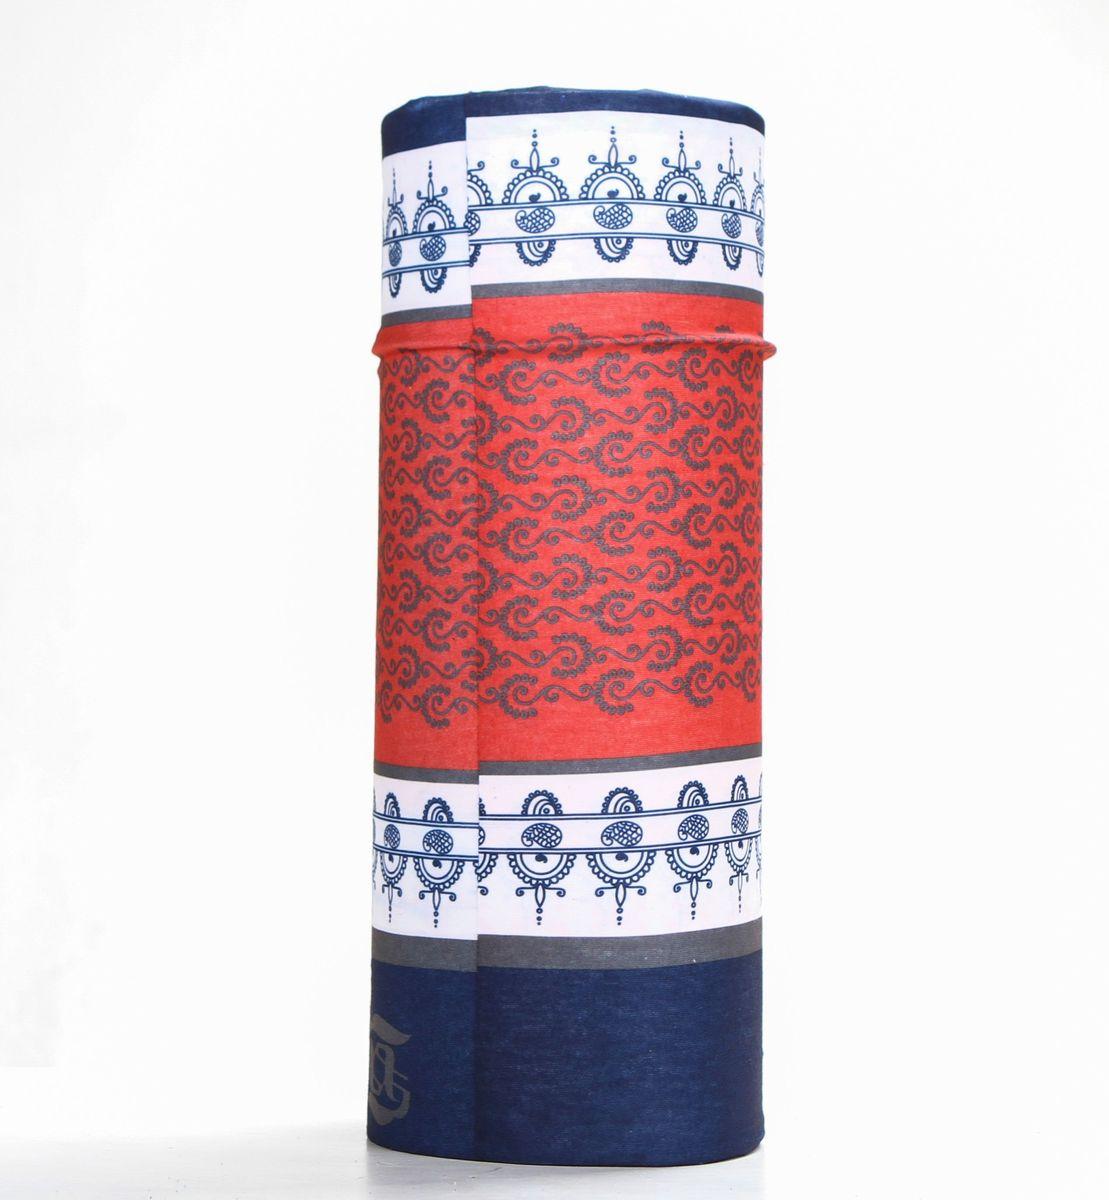 Шарф15-35Мультишарфы можно встретить под разными названиями: мультишарф, мультибандана, платок трансформер, Baff, но вне зависимости от того как Вы назовете этот аксессуар, его уникальные возможности останутся неизменными. Вы с легкостью и удобством можете одеть этот мультишарф на голову и шею 12 различными способами. В сильные морозы, пронизывающий ветер или пыльную бурю - с мультишарфом Вы будуте готовы к любым капризам природы Авторская работа.